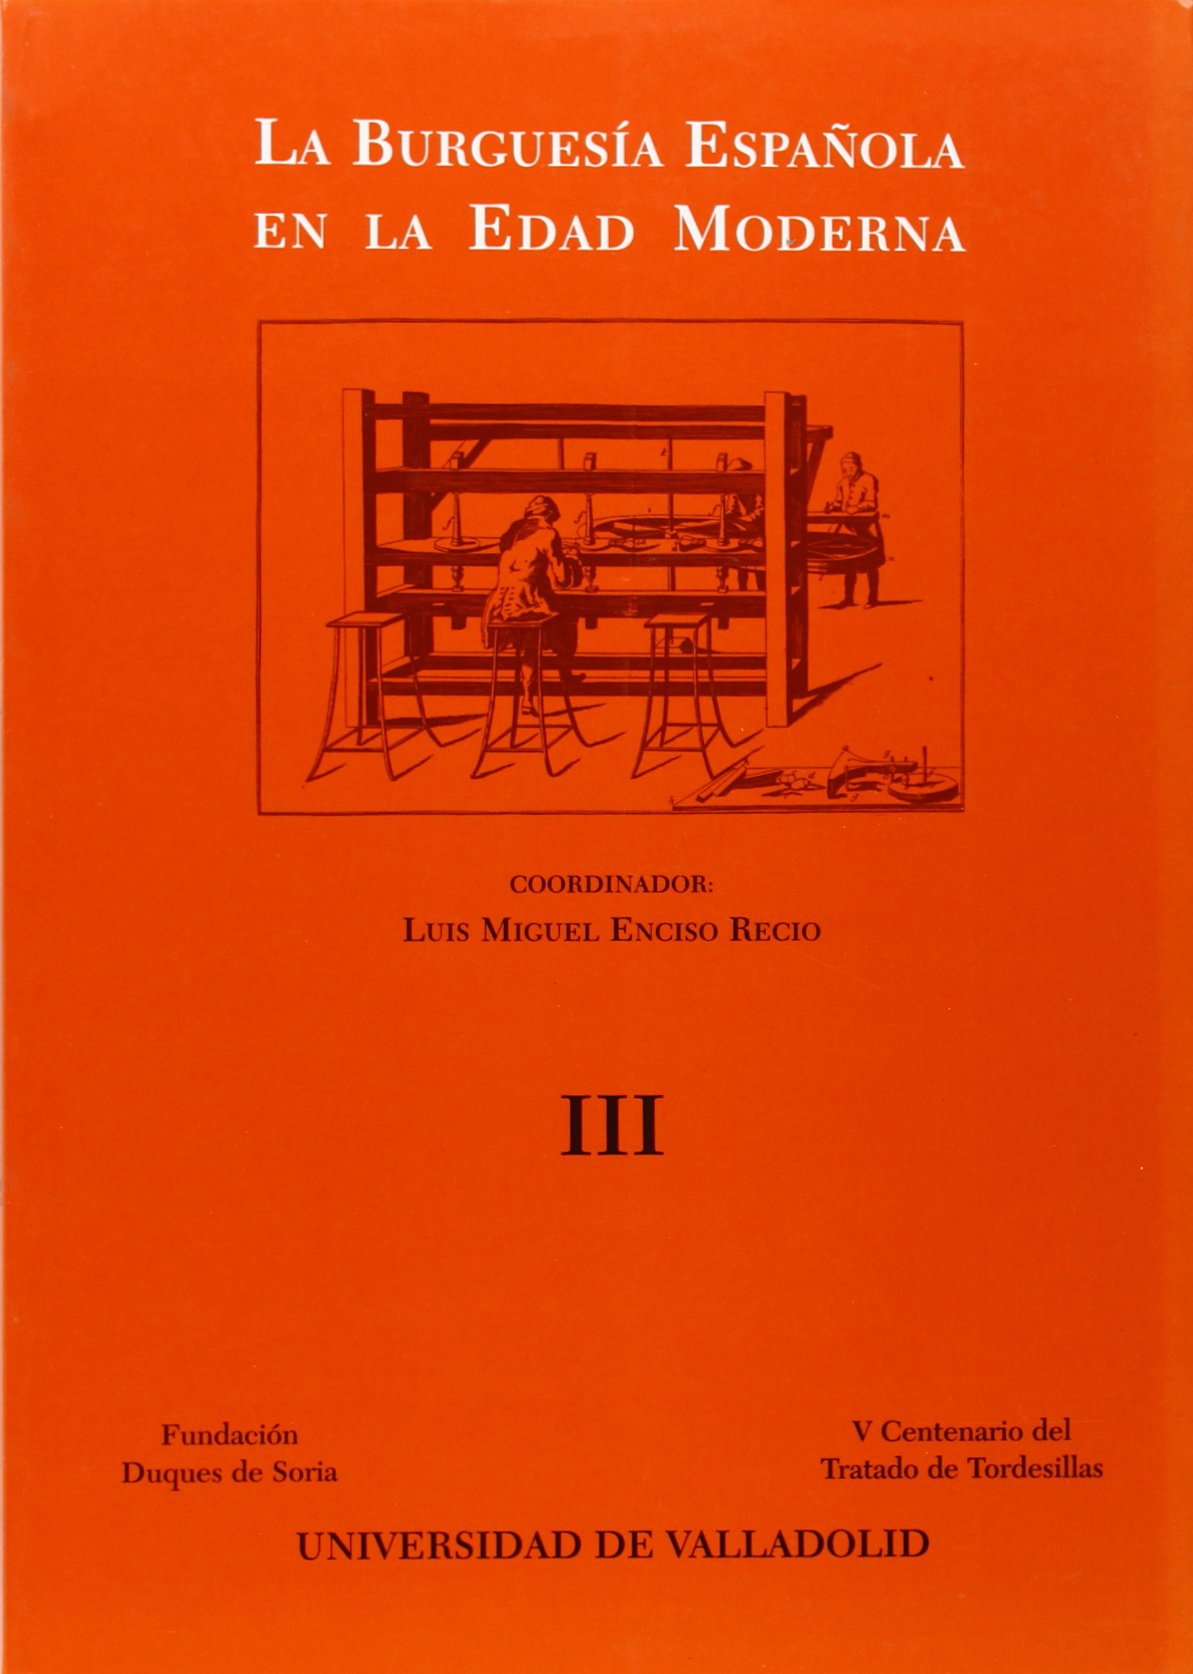 BURGUESIA ESPAÑOLA EN LA EDAD MODERNA, LA 3 Vols. Serie Historia y sociedad: Amazon.es: Enciso Recio, Luis Miguel: Libros